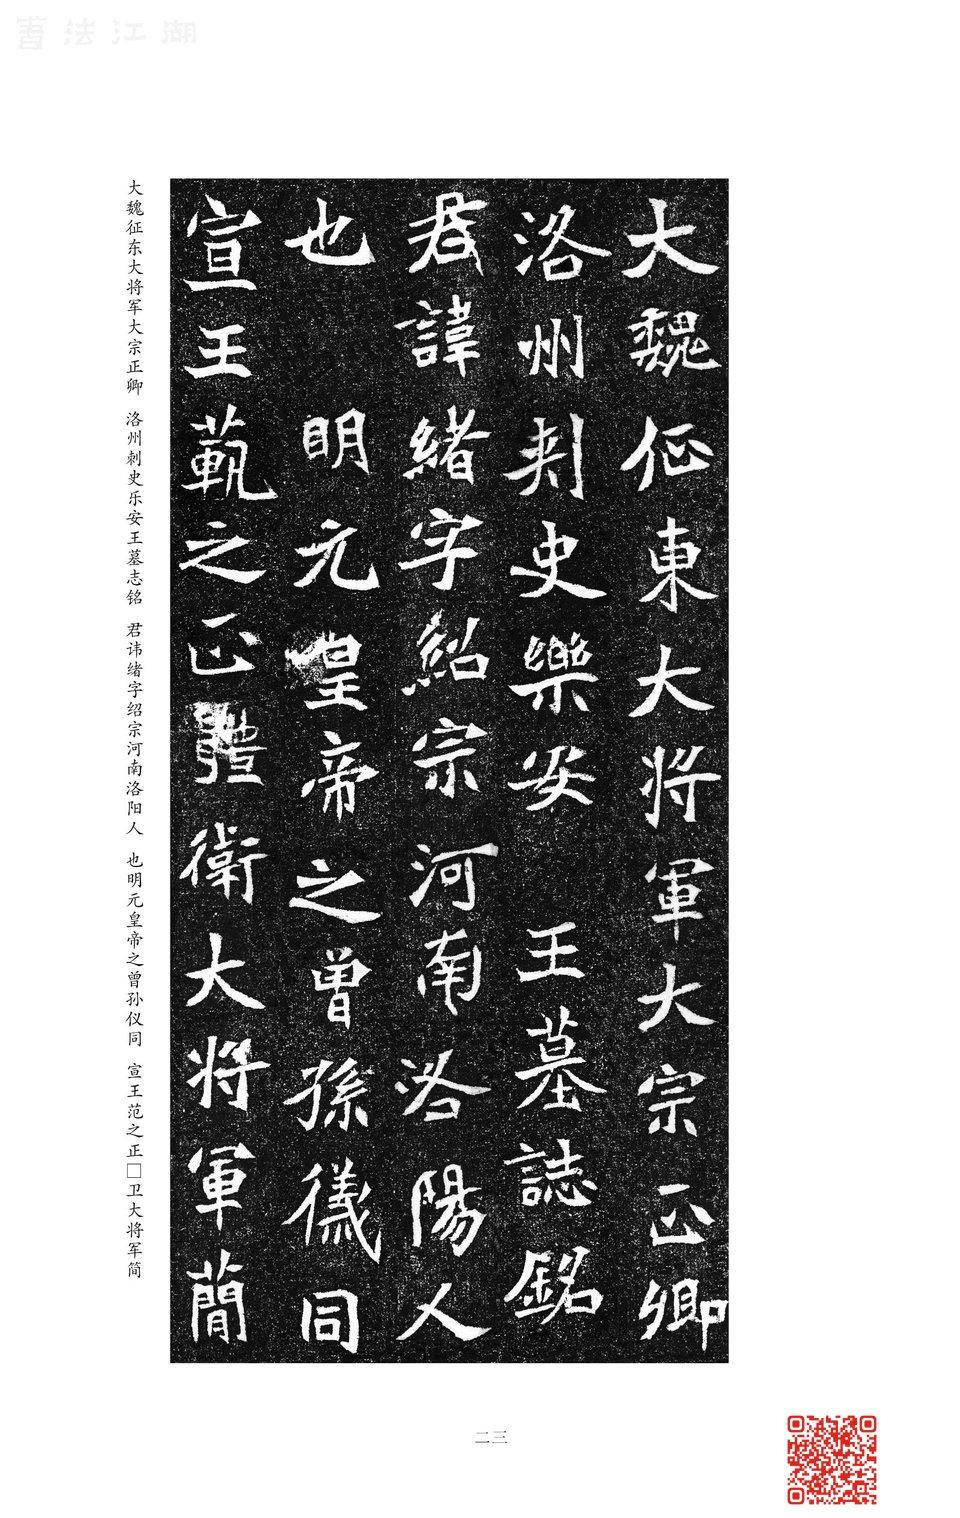 3-魏楷1-内页27.jpg